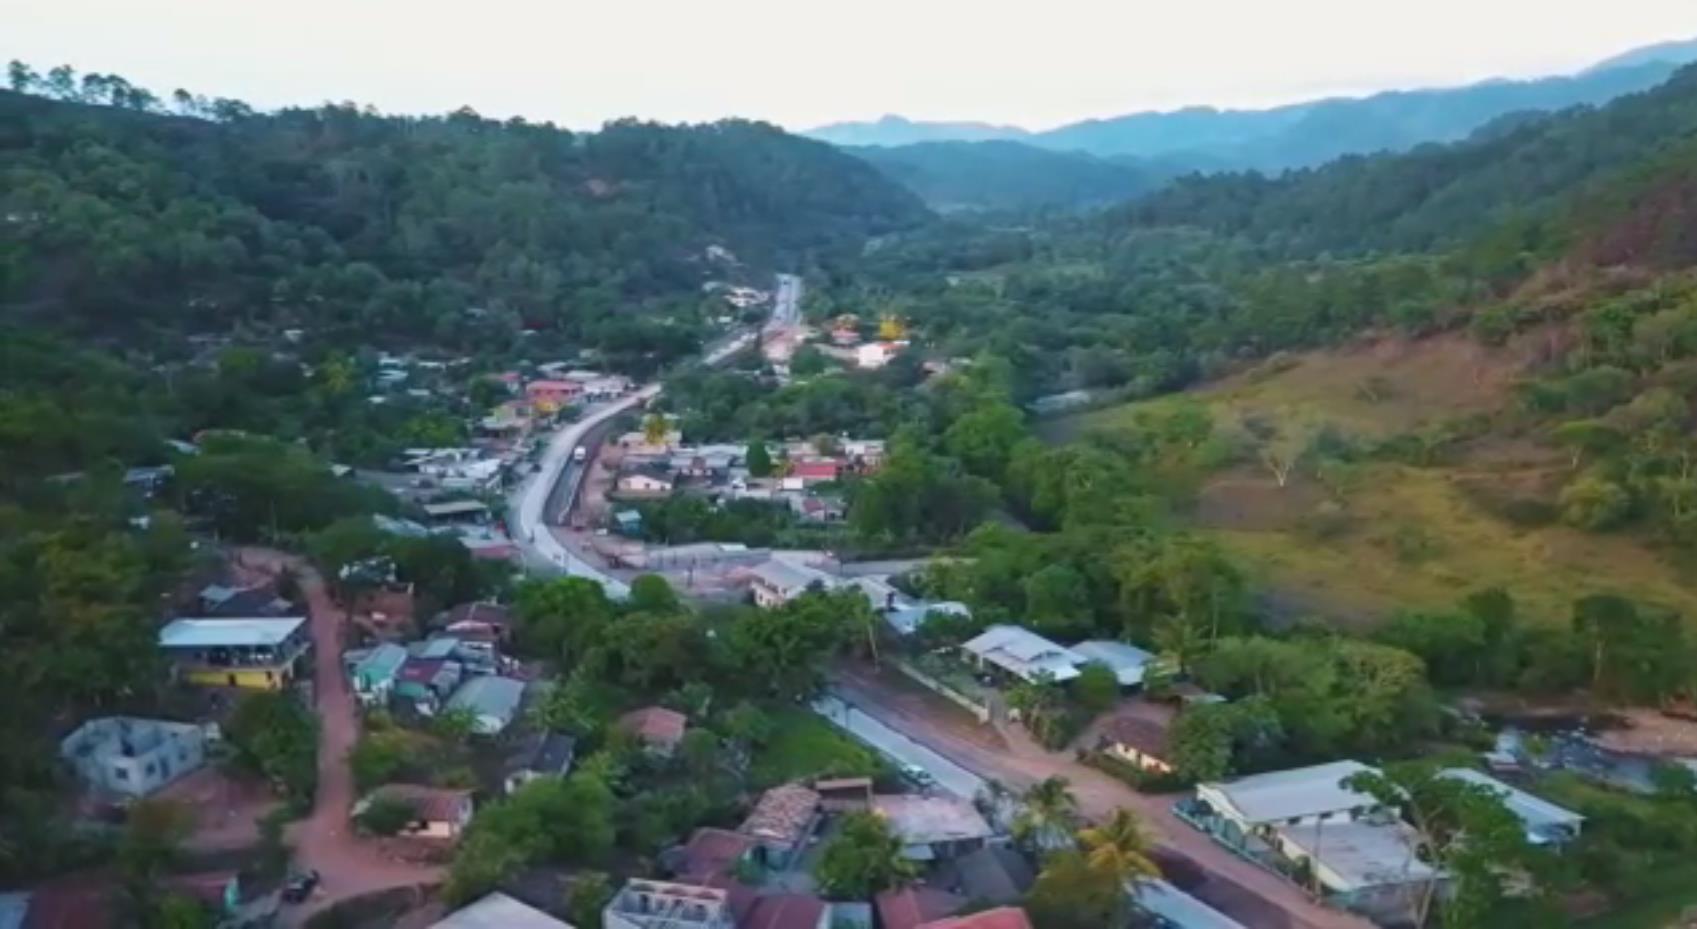 Aerial view of La Entrada road section (Copán)